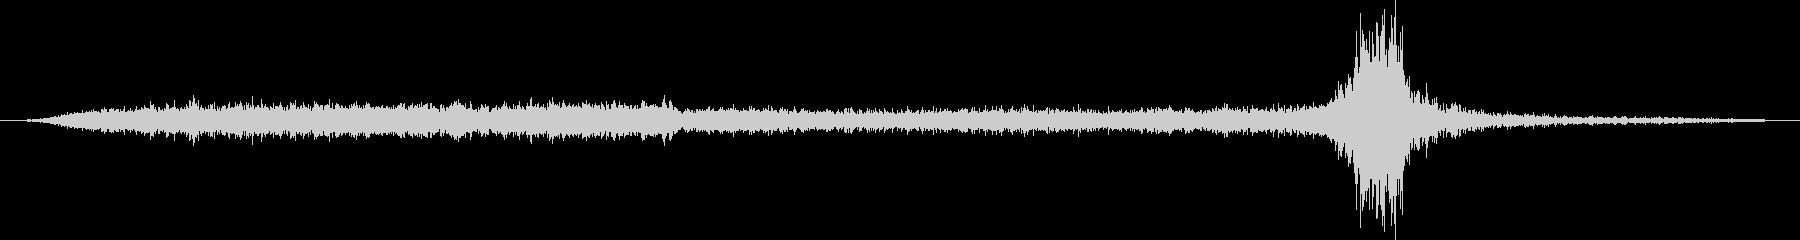 空母:Int:フライトデッキ:打ち...の未再生の波形